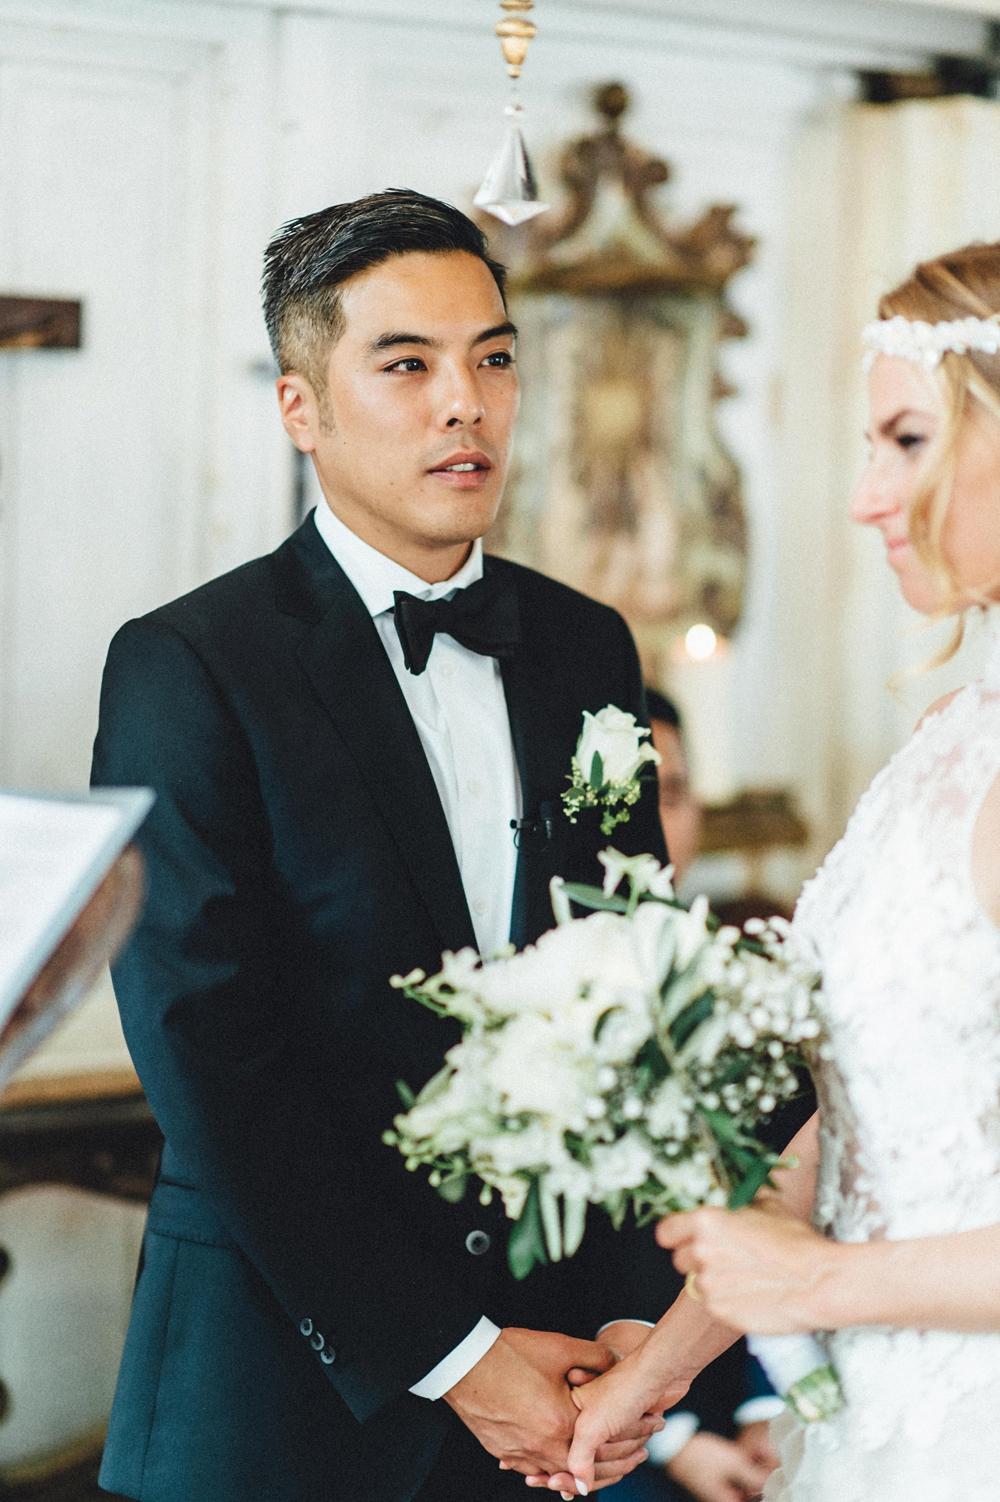 bohemian-emotional-wedding-nrw_1297